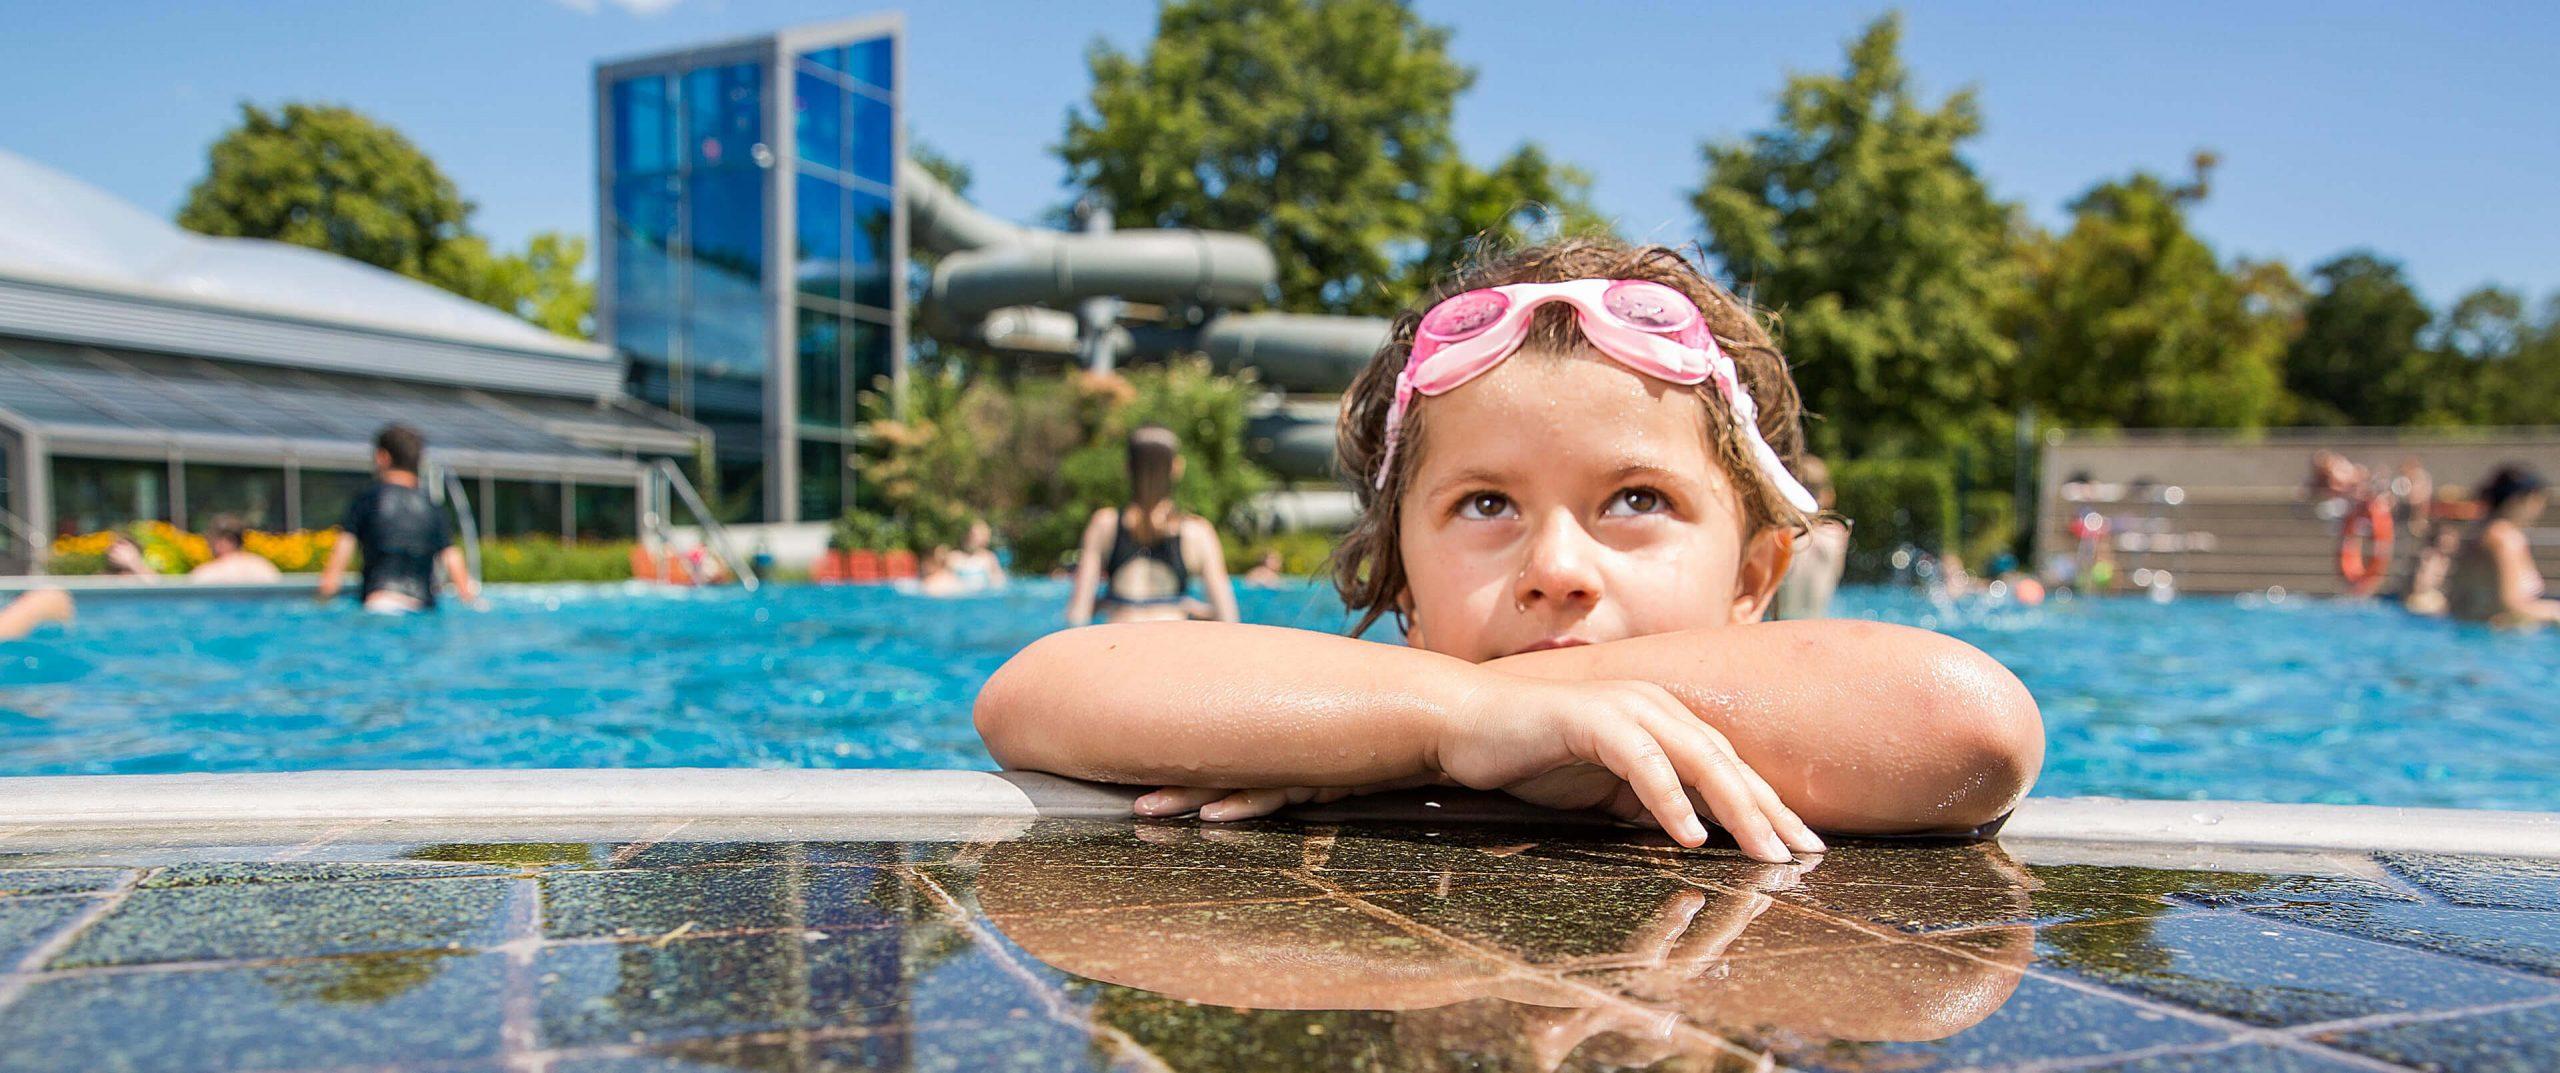 Kind mit Schwimmbrille am Beckenrand